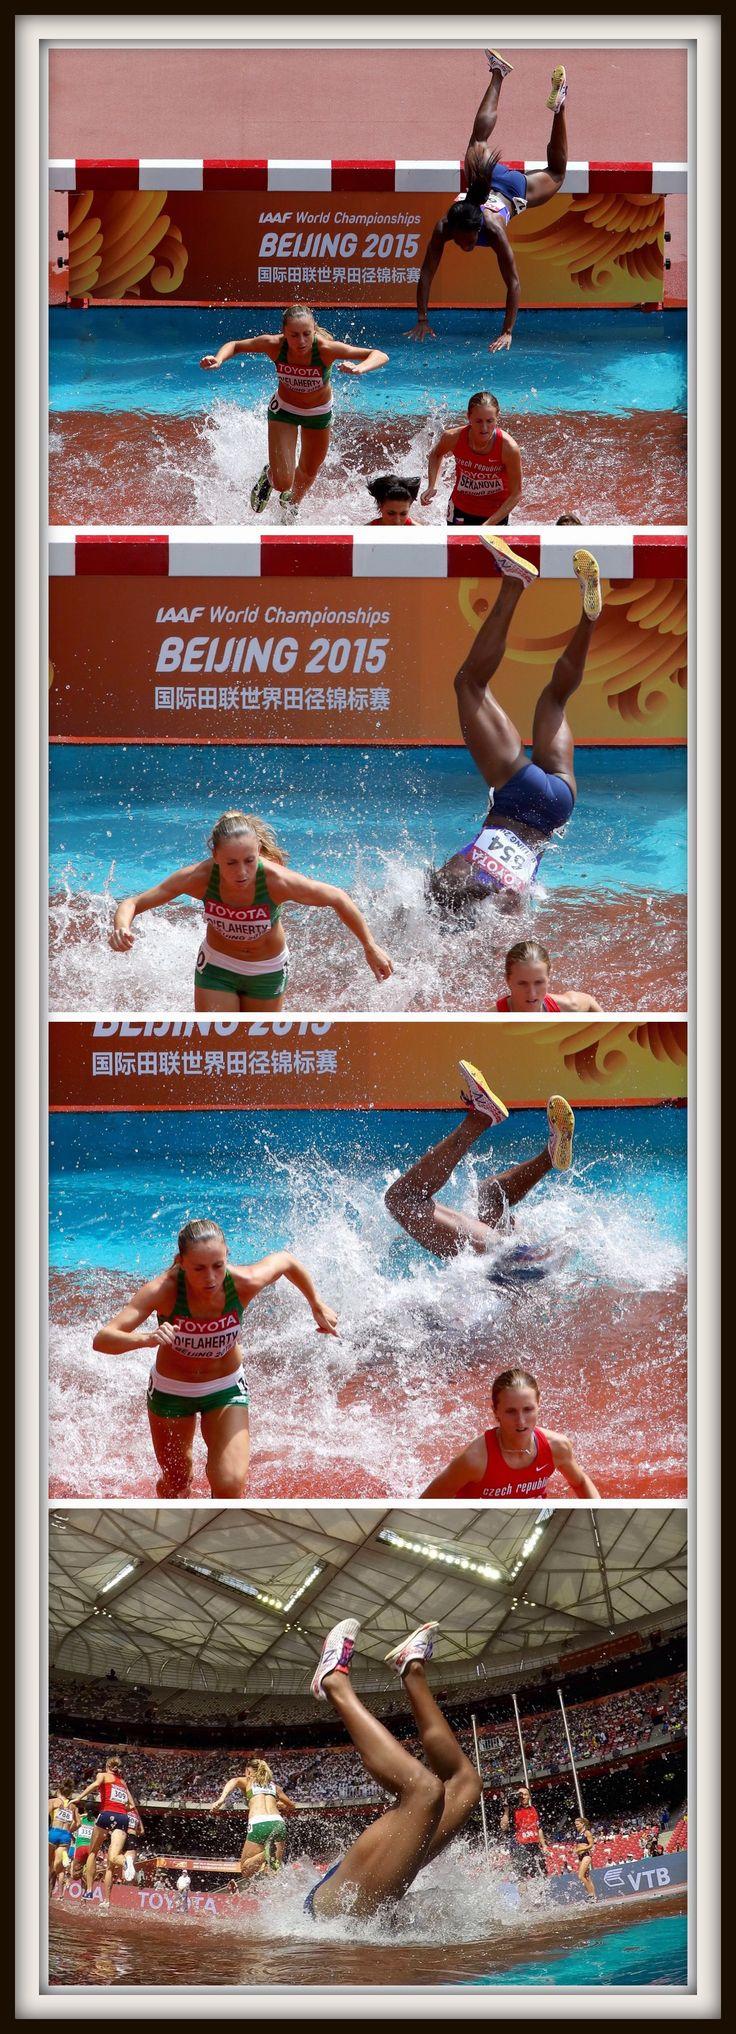 IAAF BEIJING 2015 #happening #Beijing2015 #世界陸上 #ハプニング